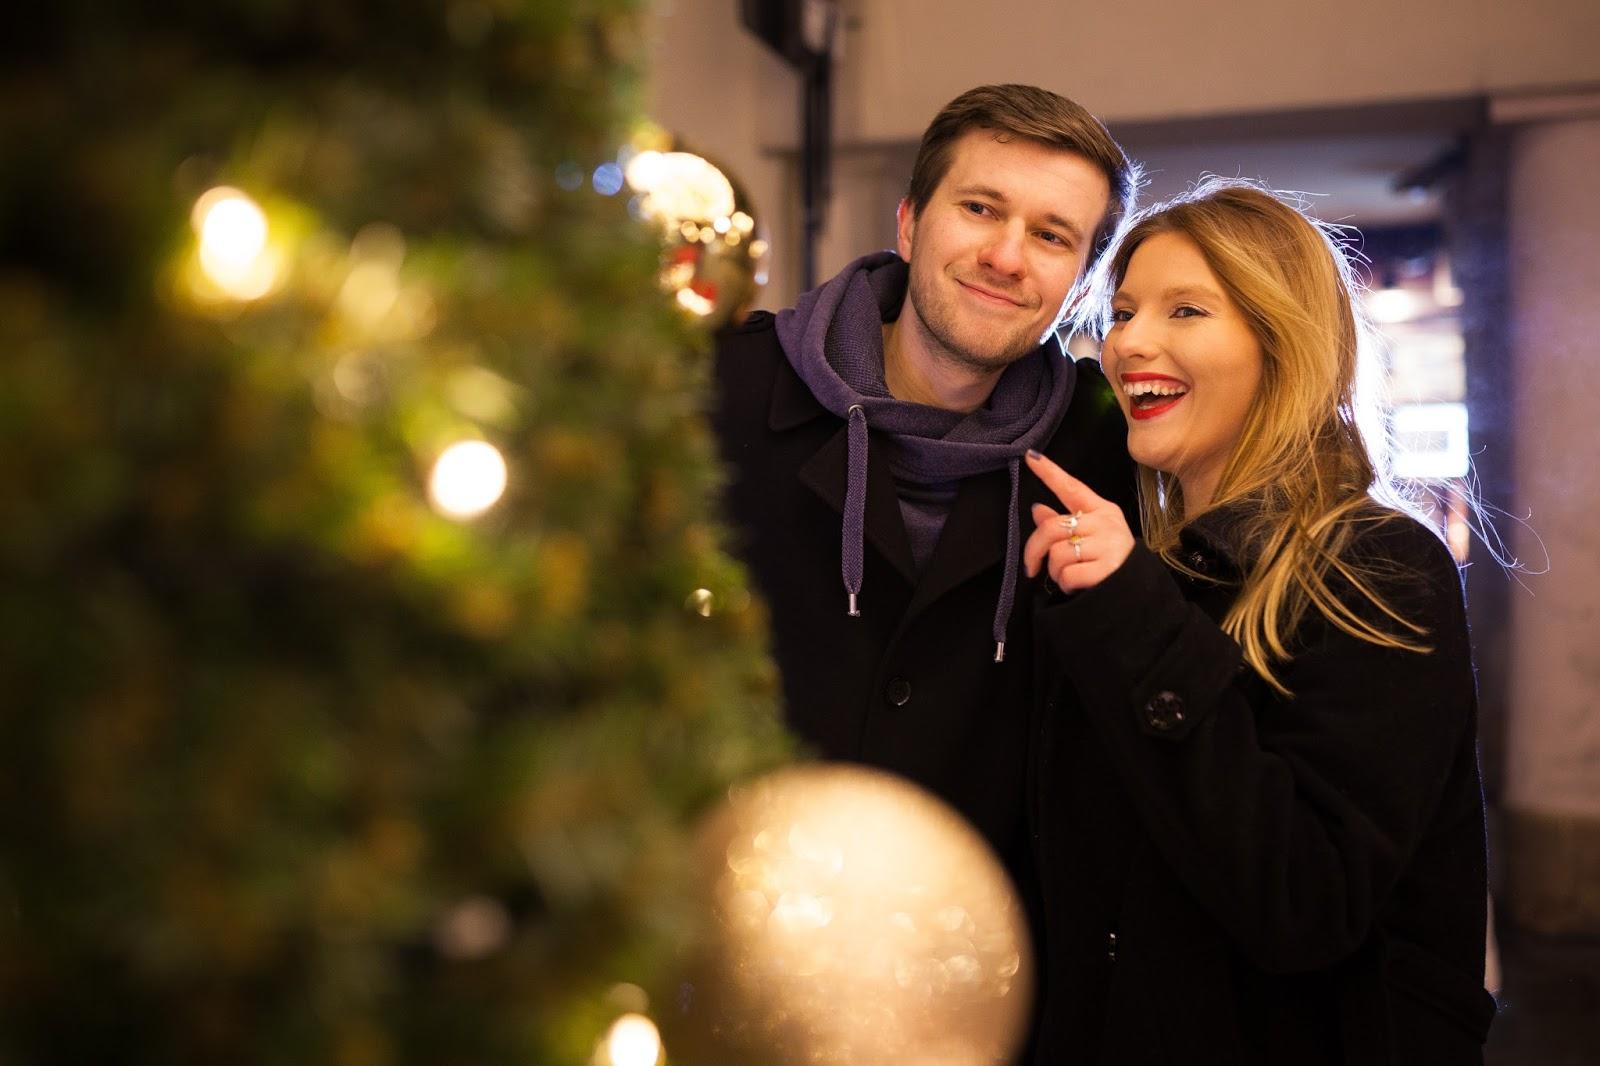 13 jakub0107 fotograf fotografia świąteczne sesje zdjęciowe melodylaniella zima christmas photography blog lifestyle